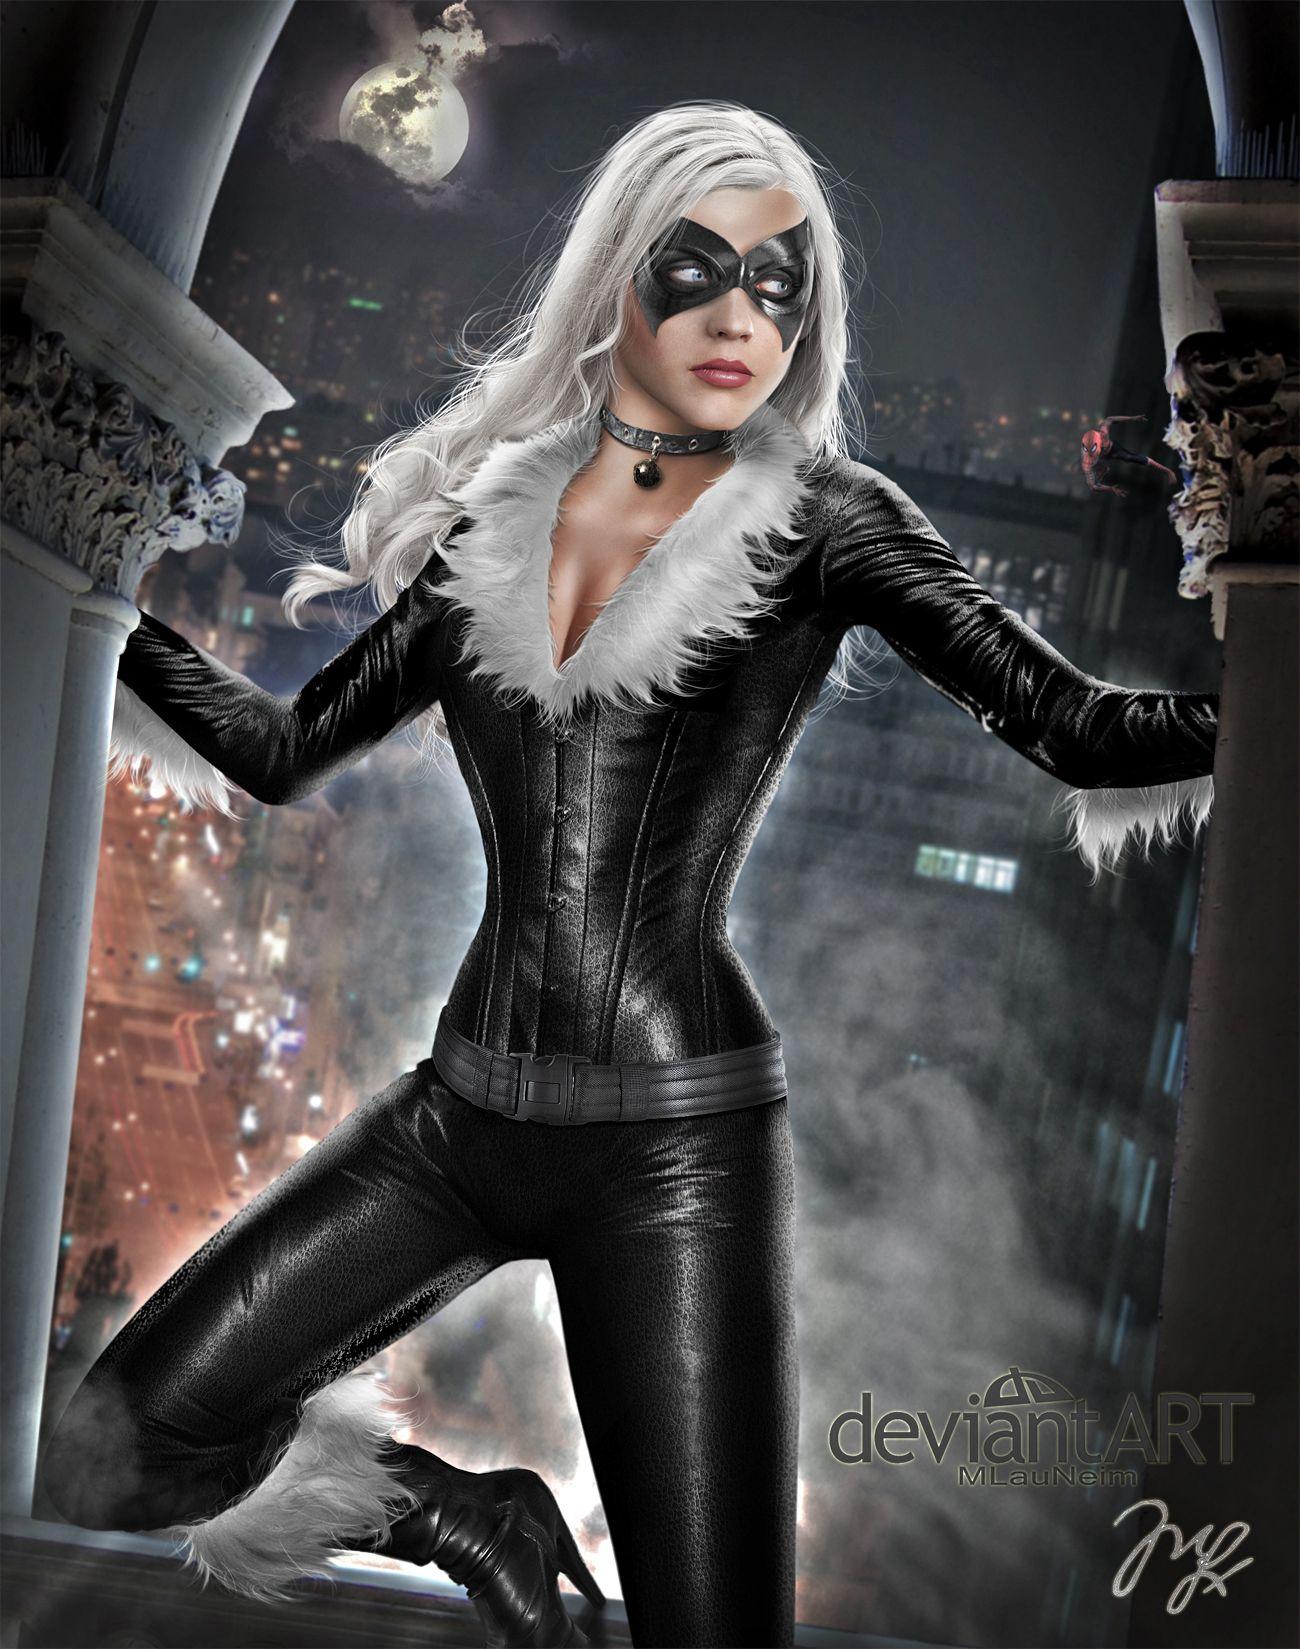 spiderman black cat costume - 736×933